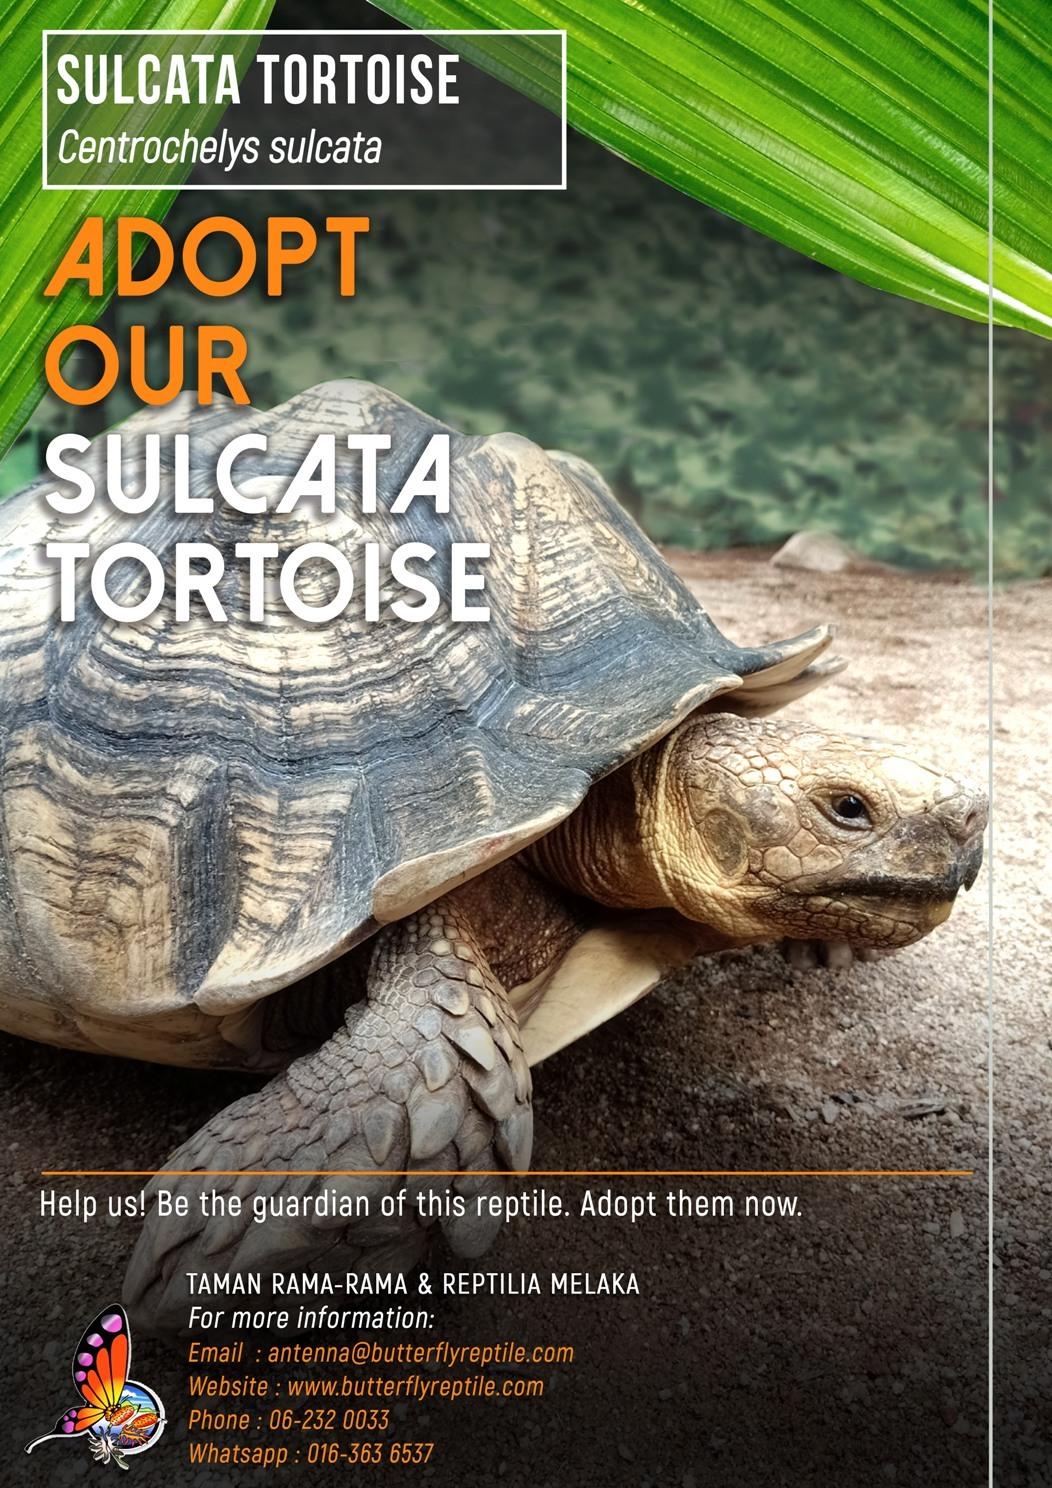 Sulcata Tortoise (3) i.jpg